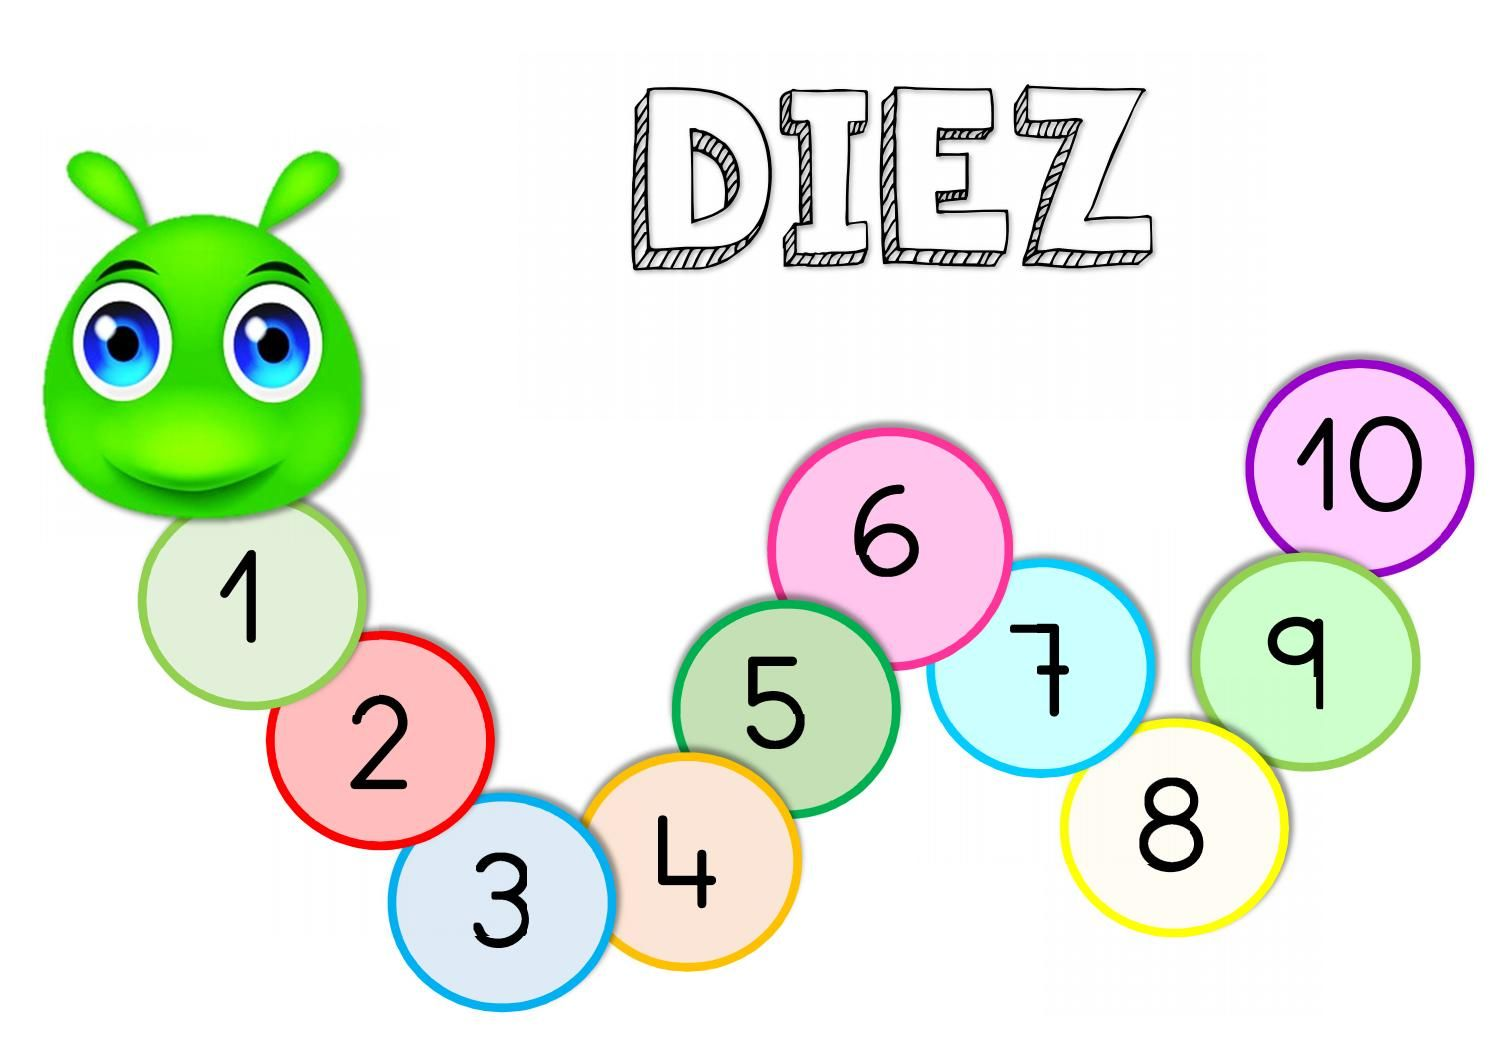 Gusano Numeros In 2021 Diez Digital Publishing Education